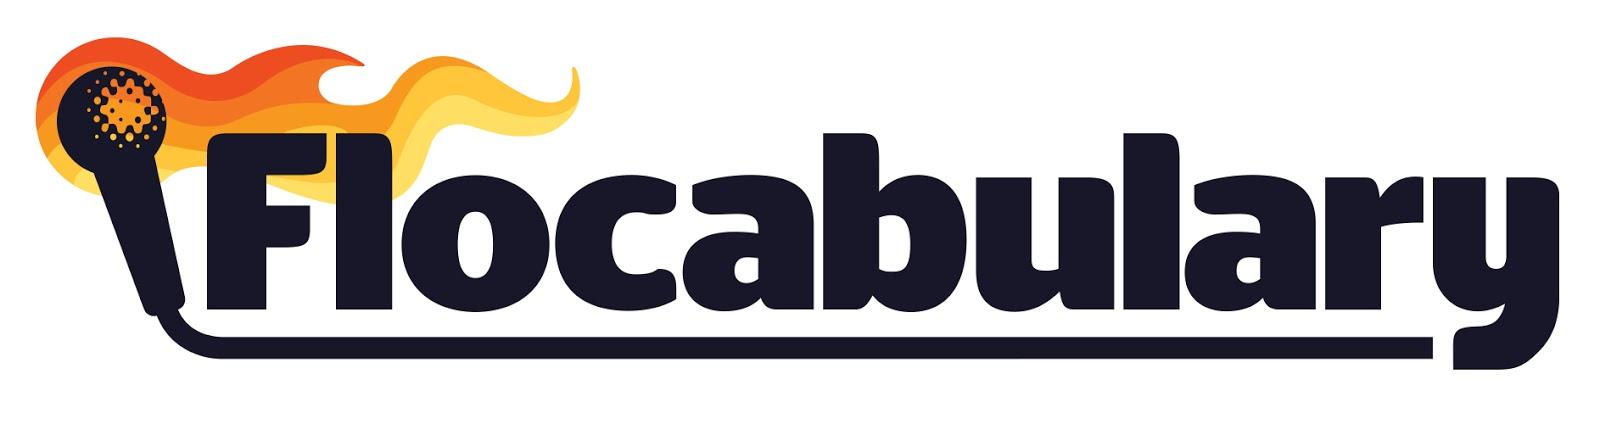 flocab logo.jpg